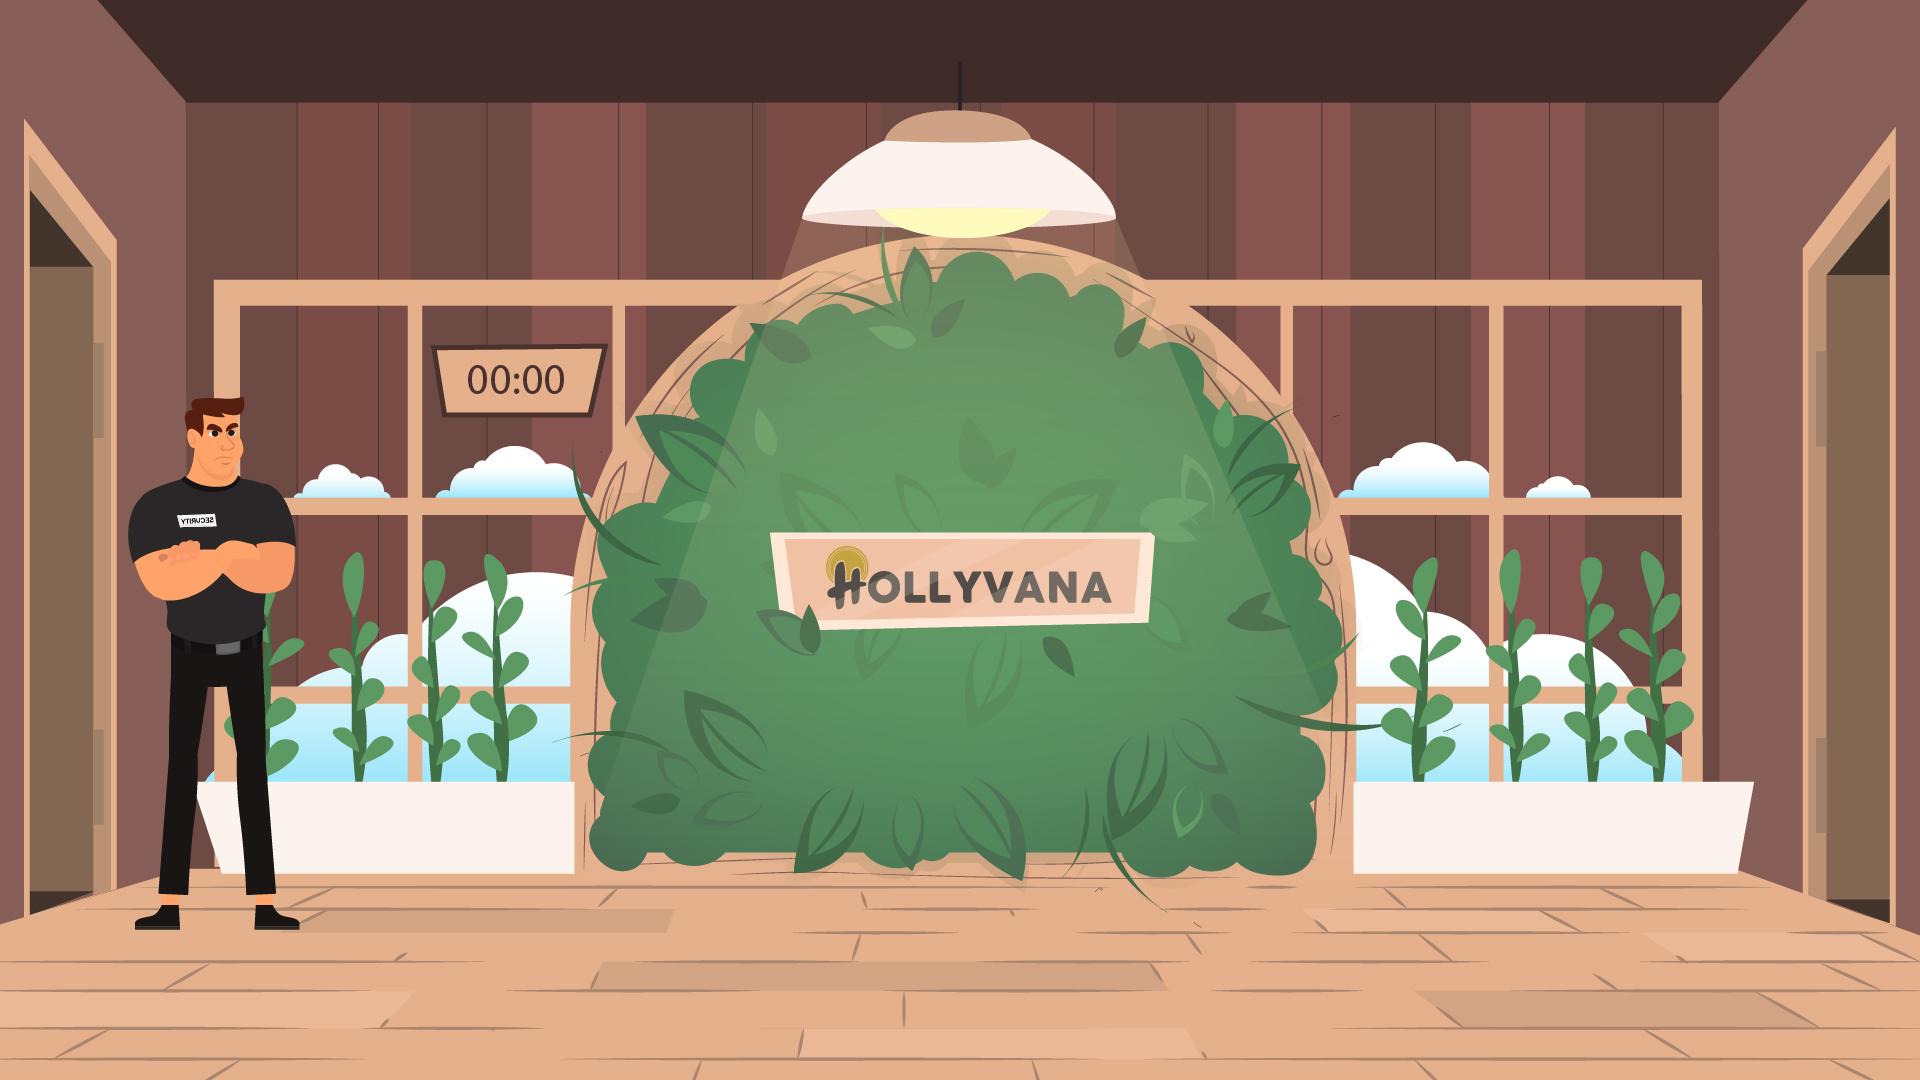 Hollyvana - Explainer Video